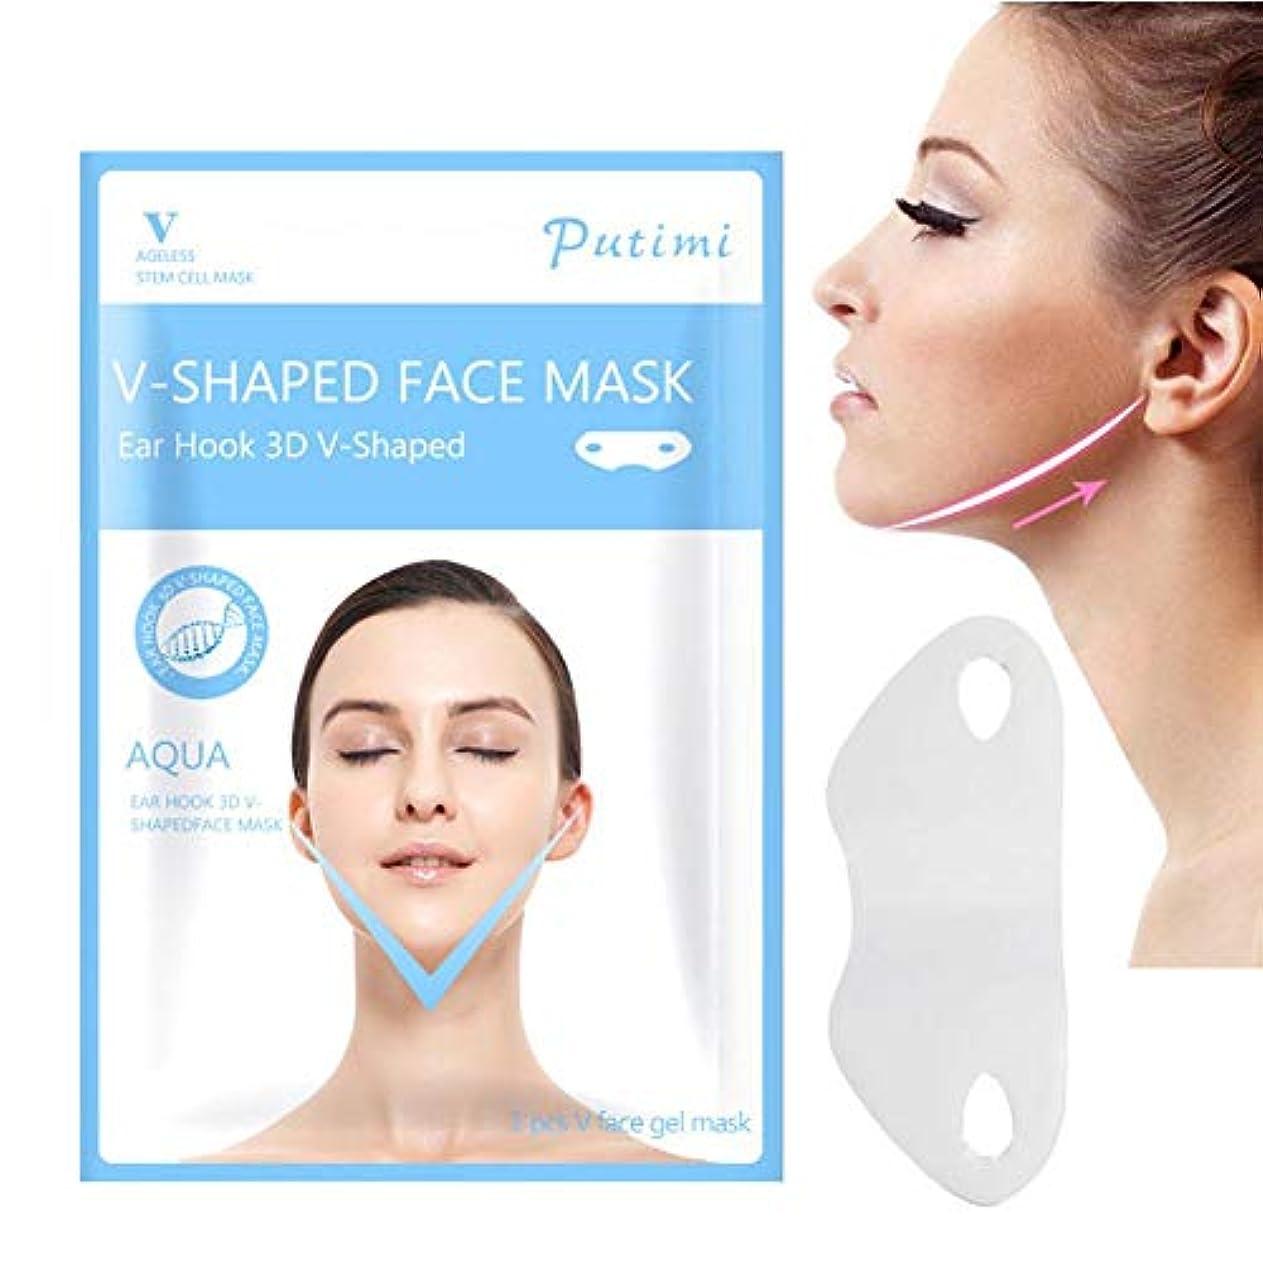 タフロッド食物SILUN 最新型 Vフェイシャルマスク フェイスマスク 小顔 マスク フェイスラインベルト 美顔 顔痩せ 保湿 血行を促進する 睡眠マスク